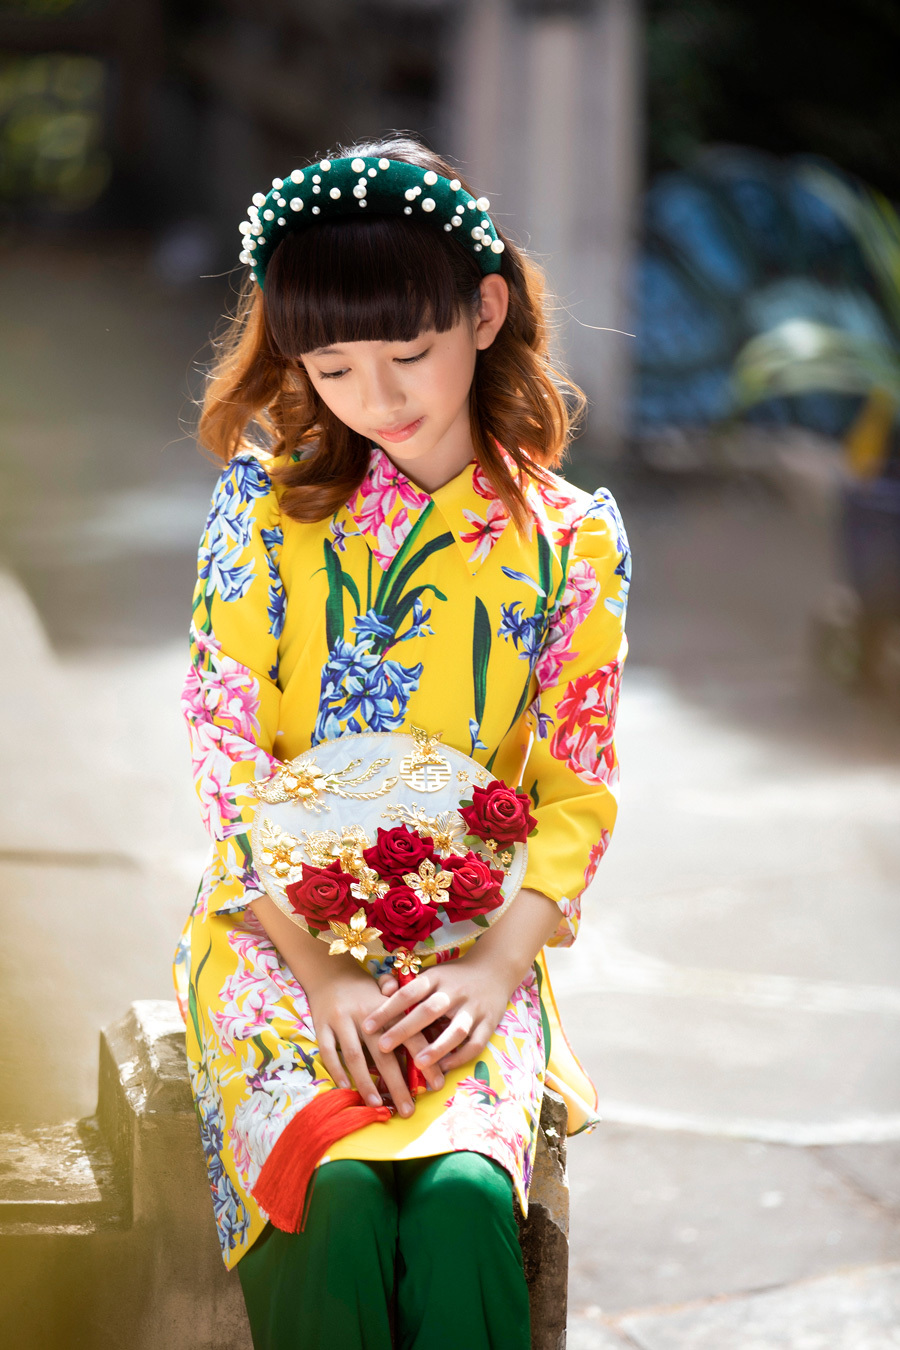 Hoa hậu Ngọc Diễm diện áo dài xuân cùng con gái